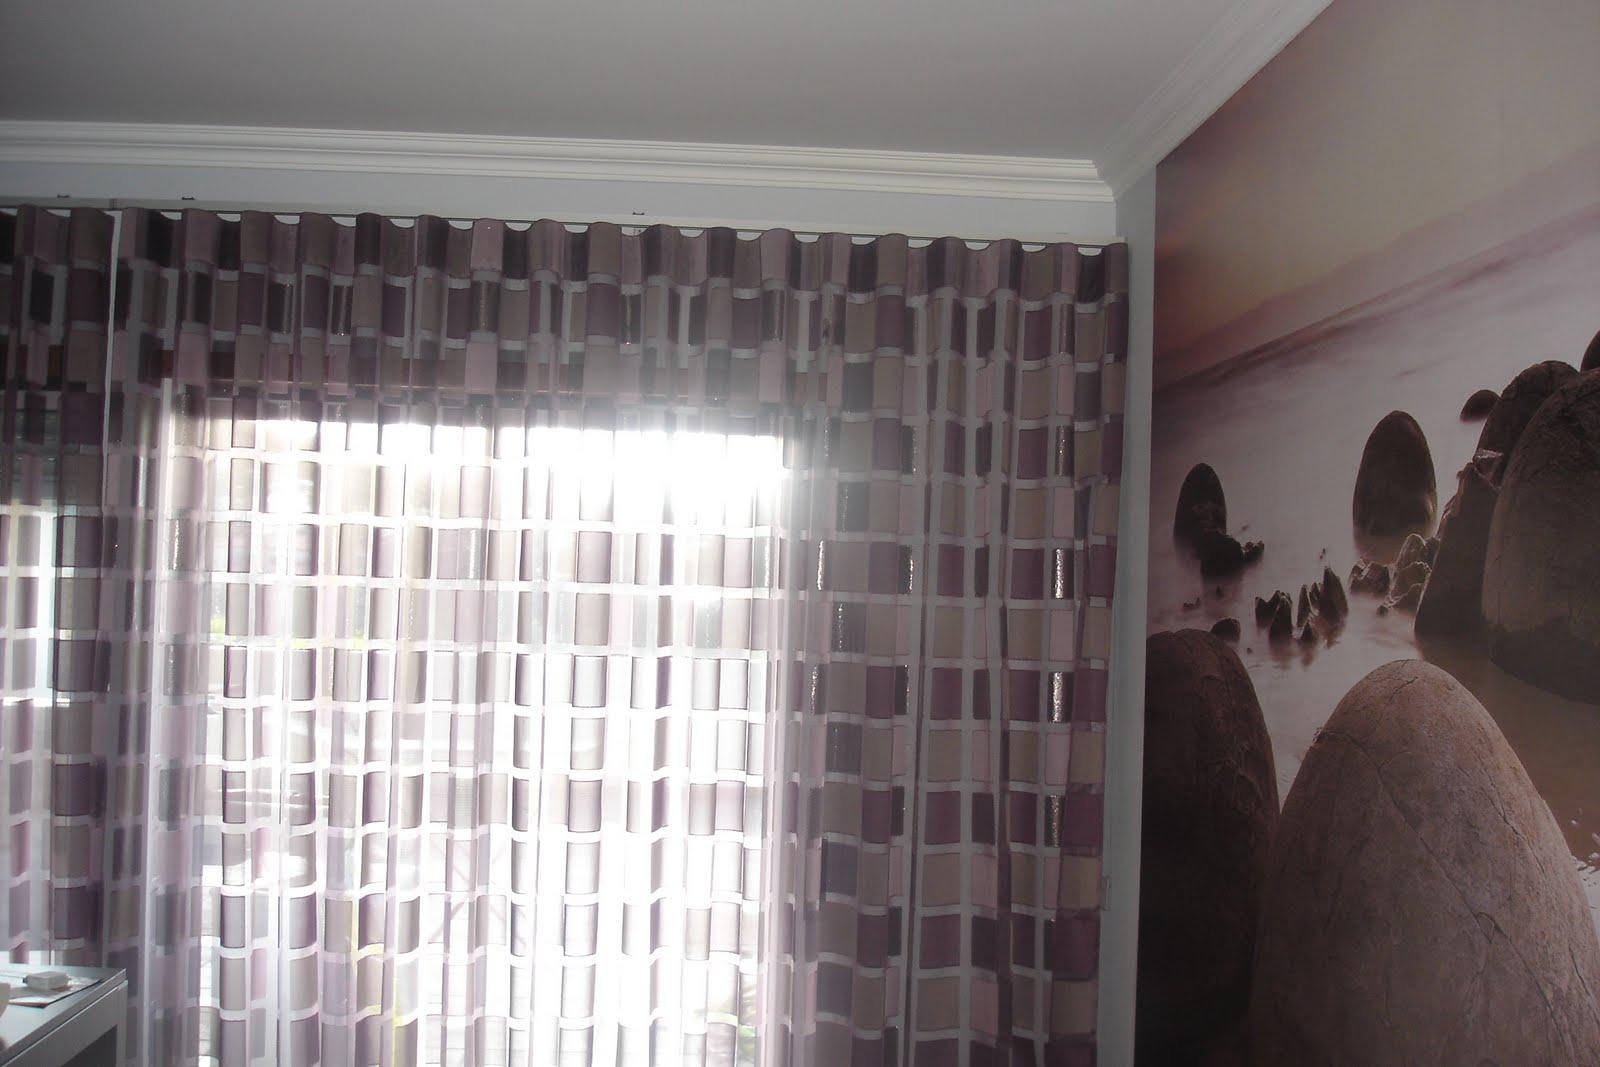 lojas de decoracao de interiores em leiria : lojas de decoracao de interiores em leiria: de praia com pedras e cortinado executado em calha com cor semelhante